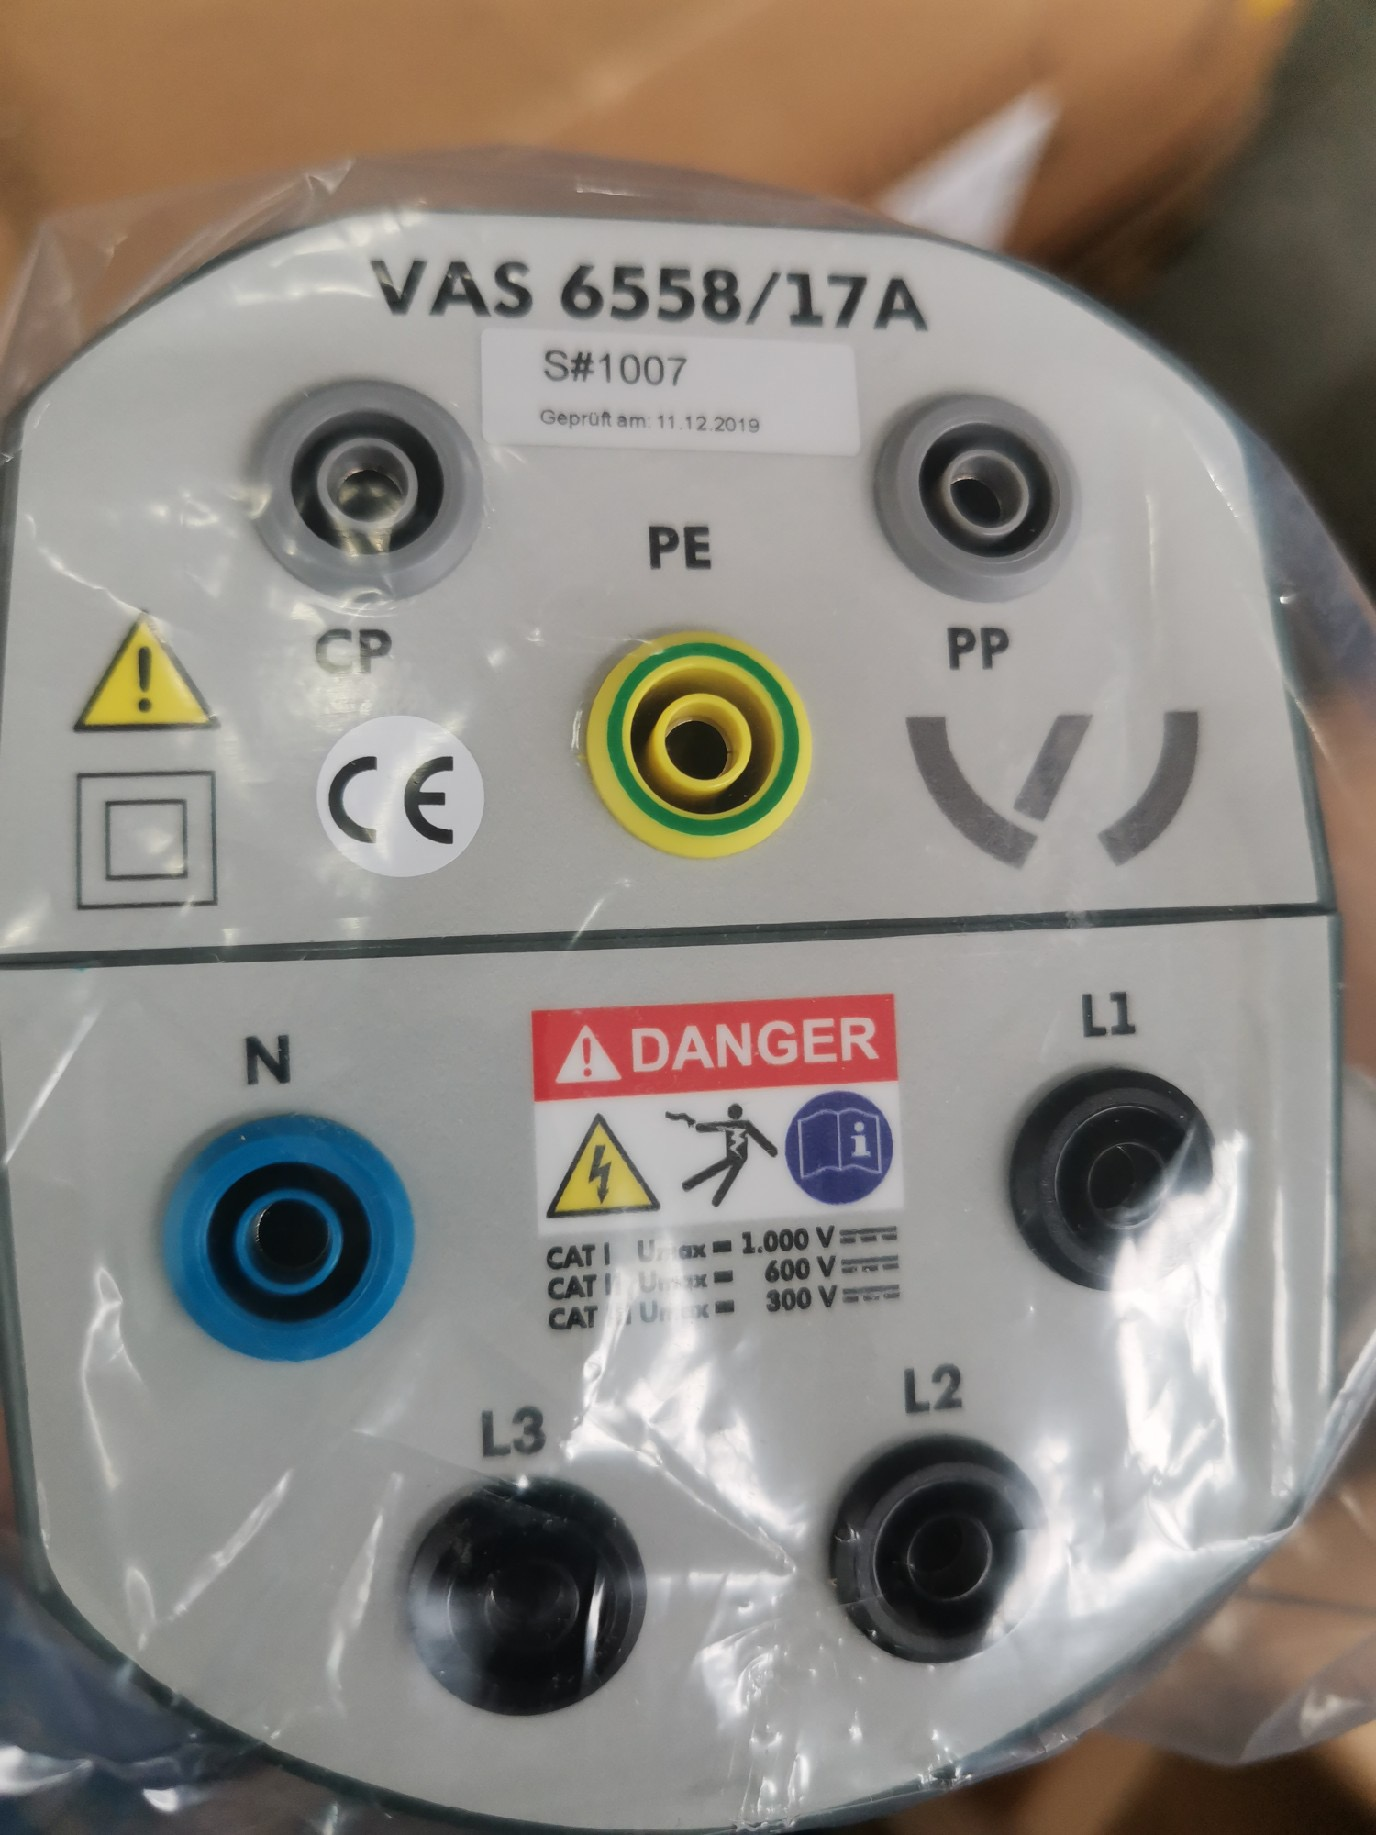 VAS 6558/17A 用于在中國充電插座(AC)上進行測試